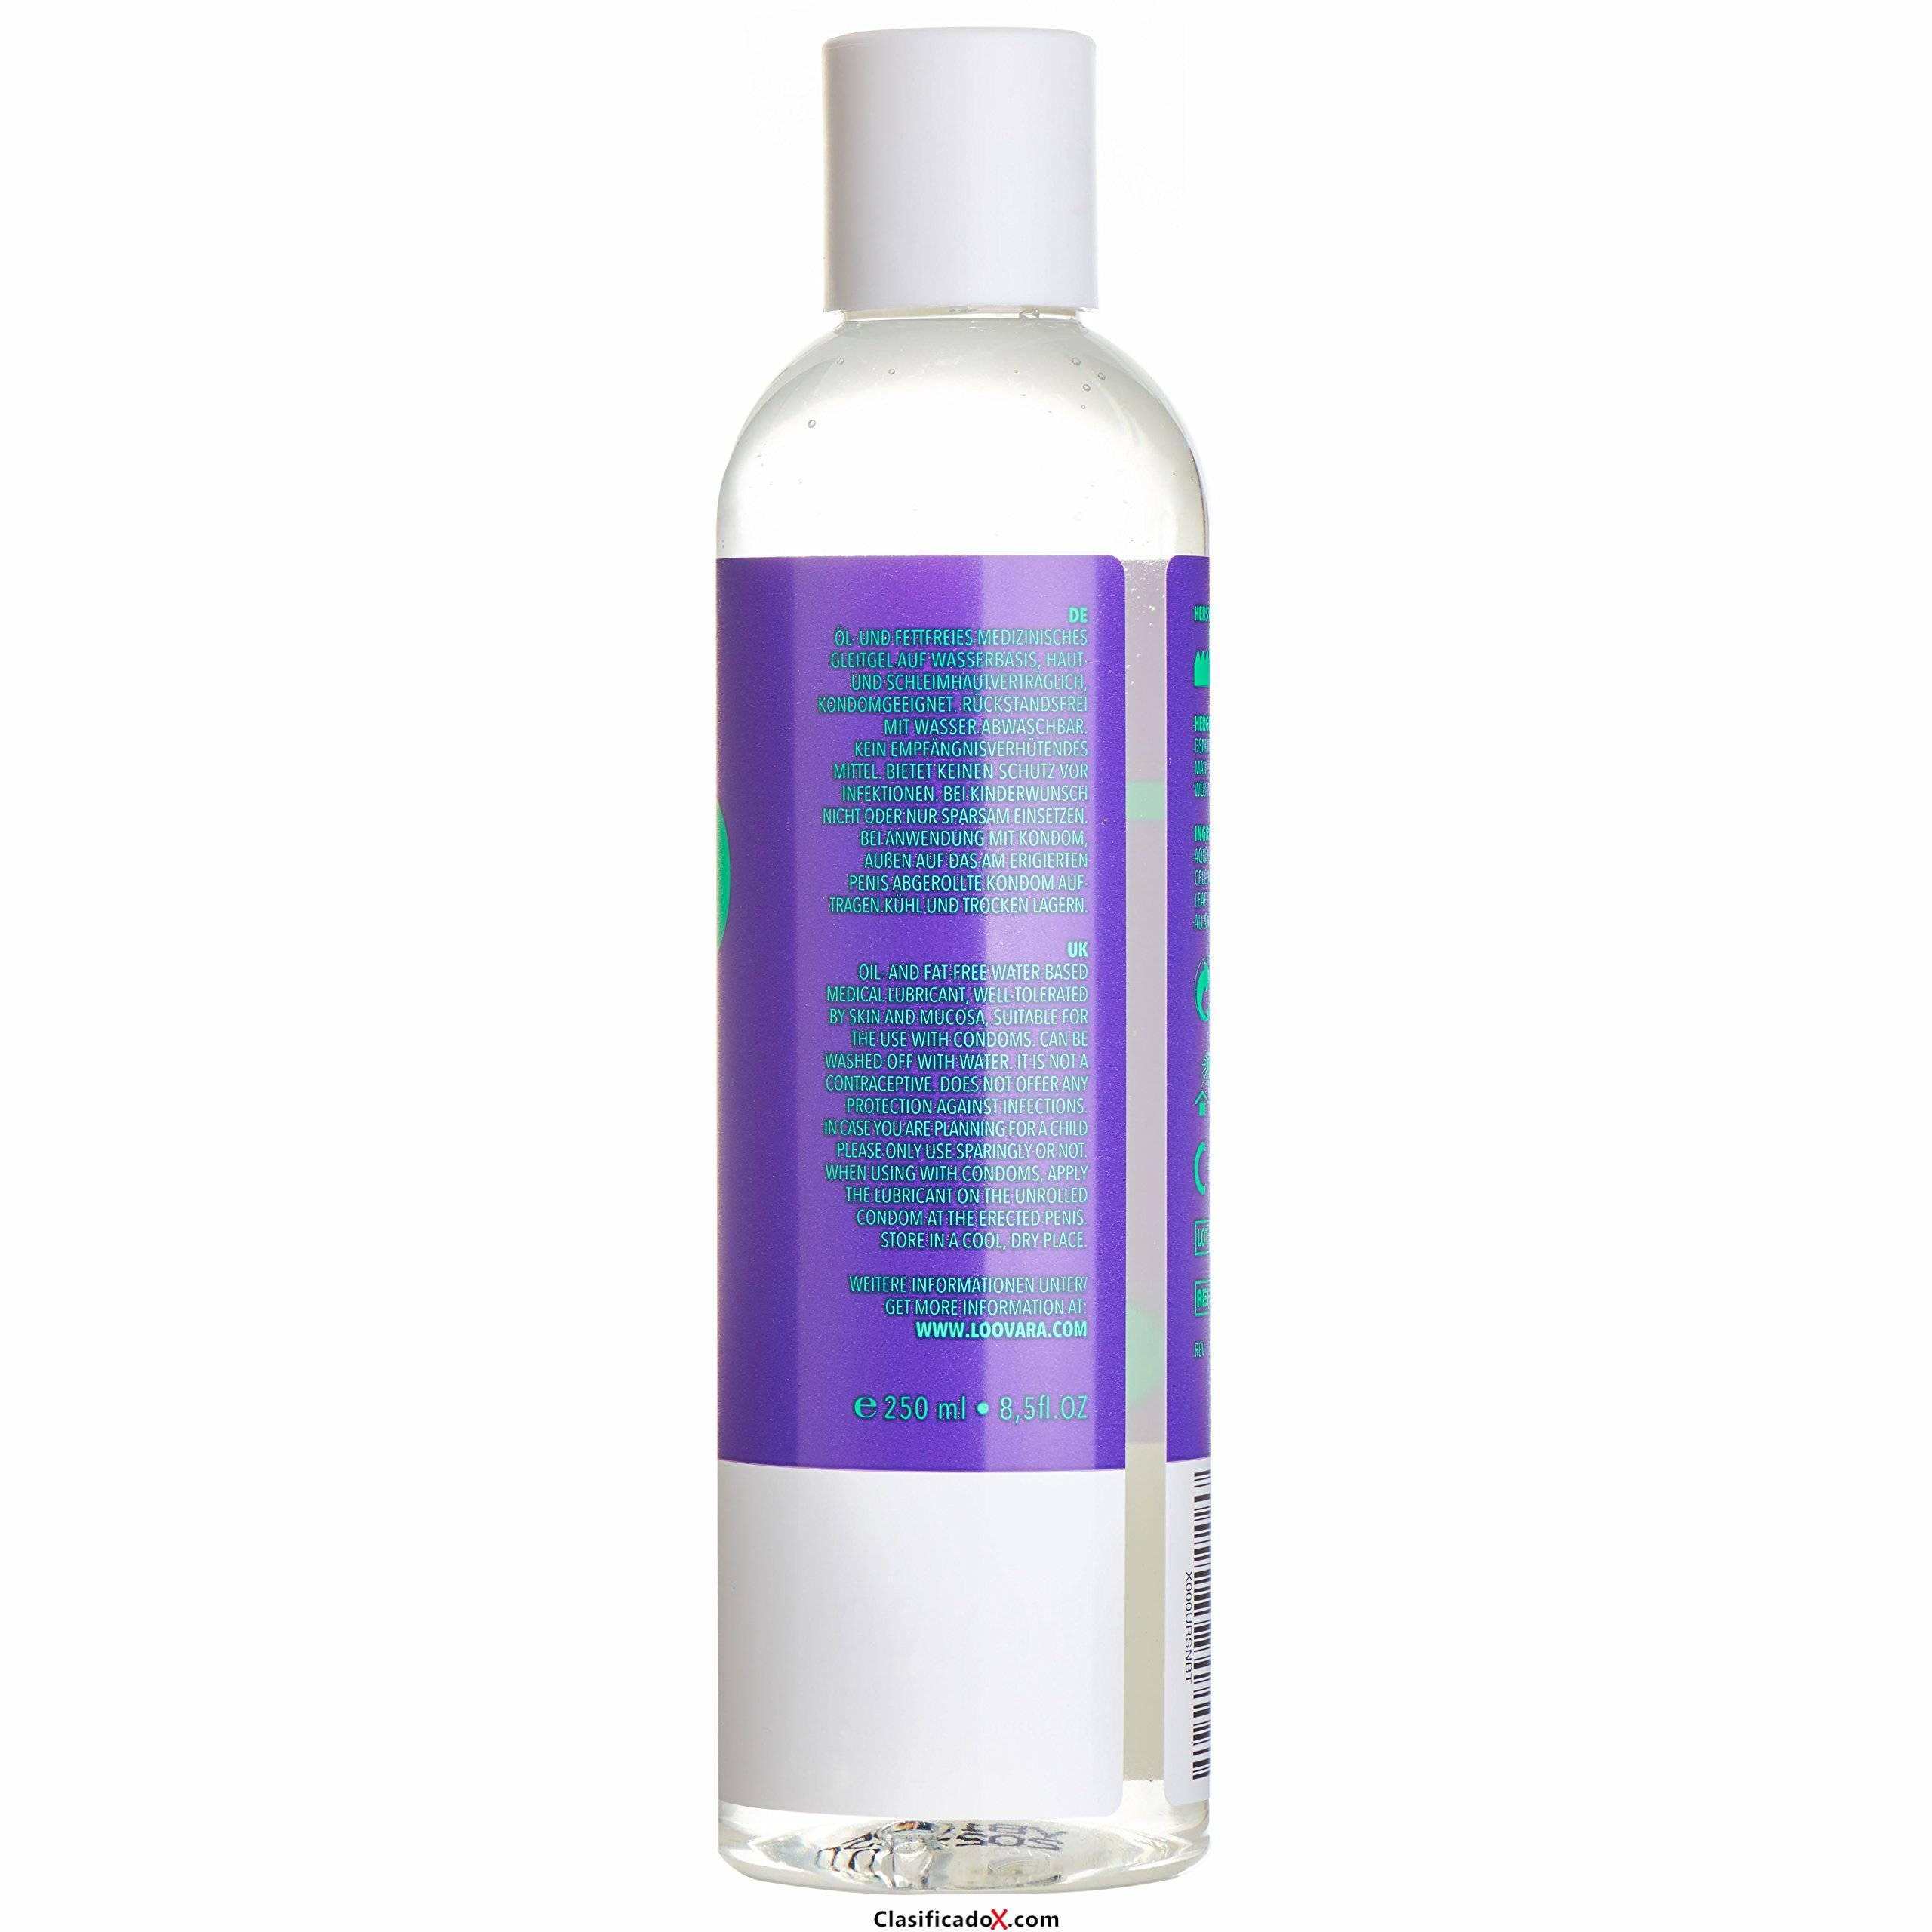 Loovara 2en1 masaje y Gel lubricante (250 ml) a base de agua, con aloe vera para pieles sensibles, adecuado para condones. Envíos a Cádiz